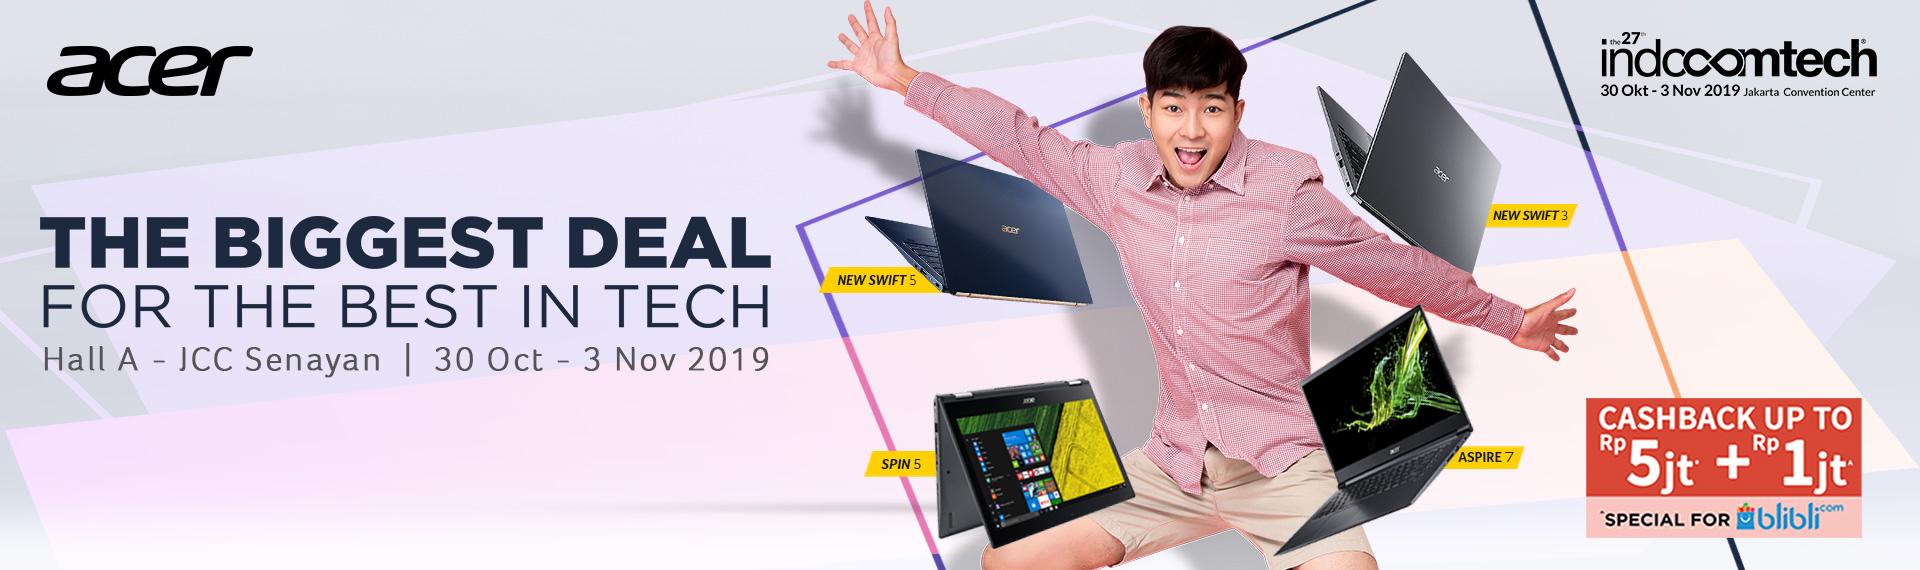 Serbu Promo Acer di Indocomtech 2019! Banyak Promo dan Hadiah Fantastis!